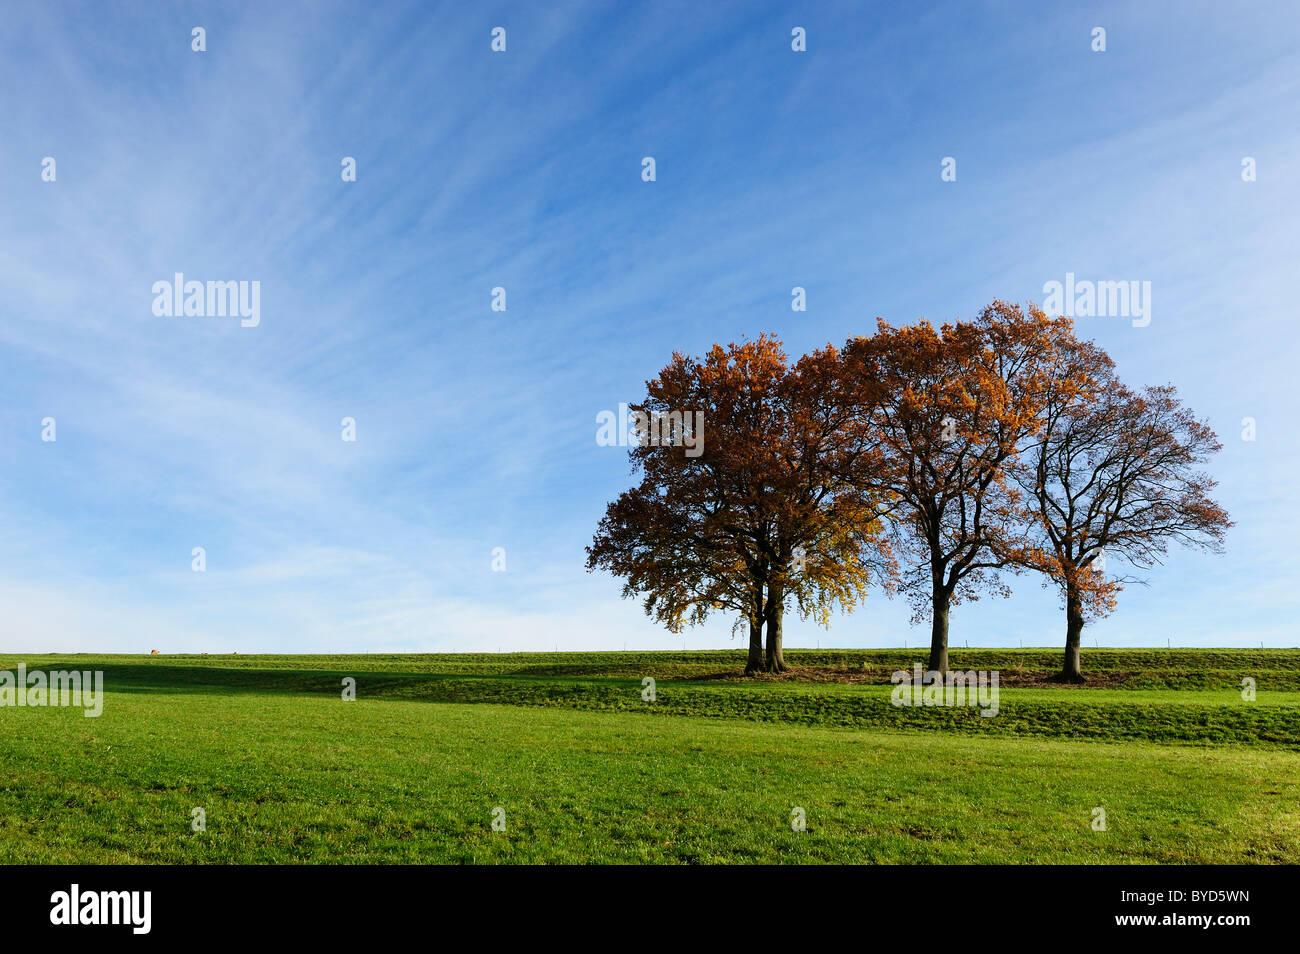 4 Beech trees, autumn landscape, Holzhausen on Lake Starnberg, Bavaria, Germany, Europe - Stock Image